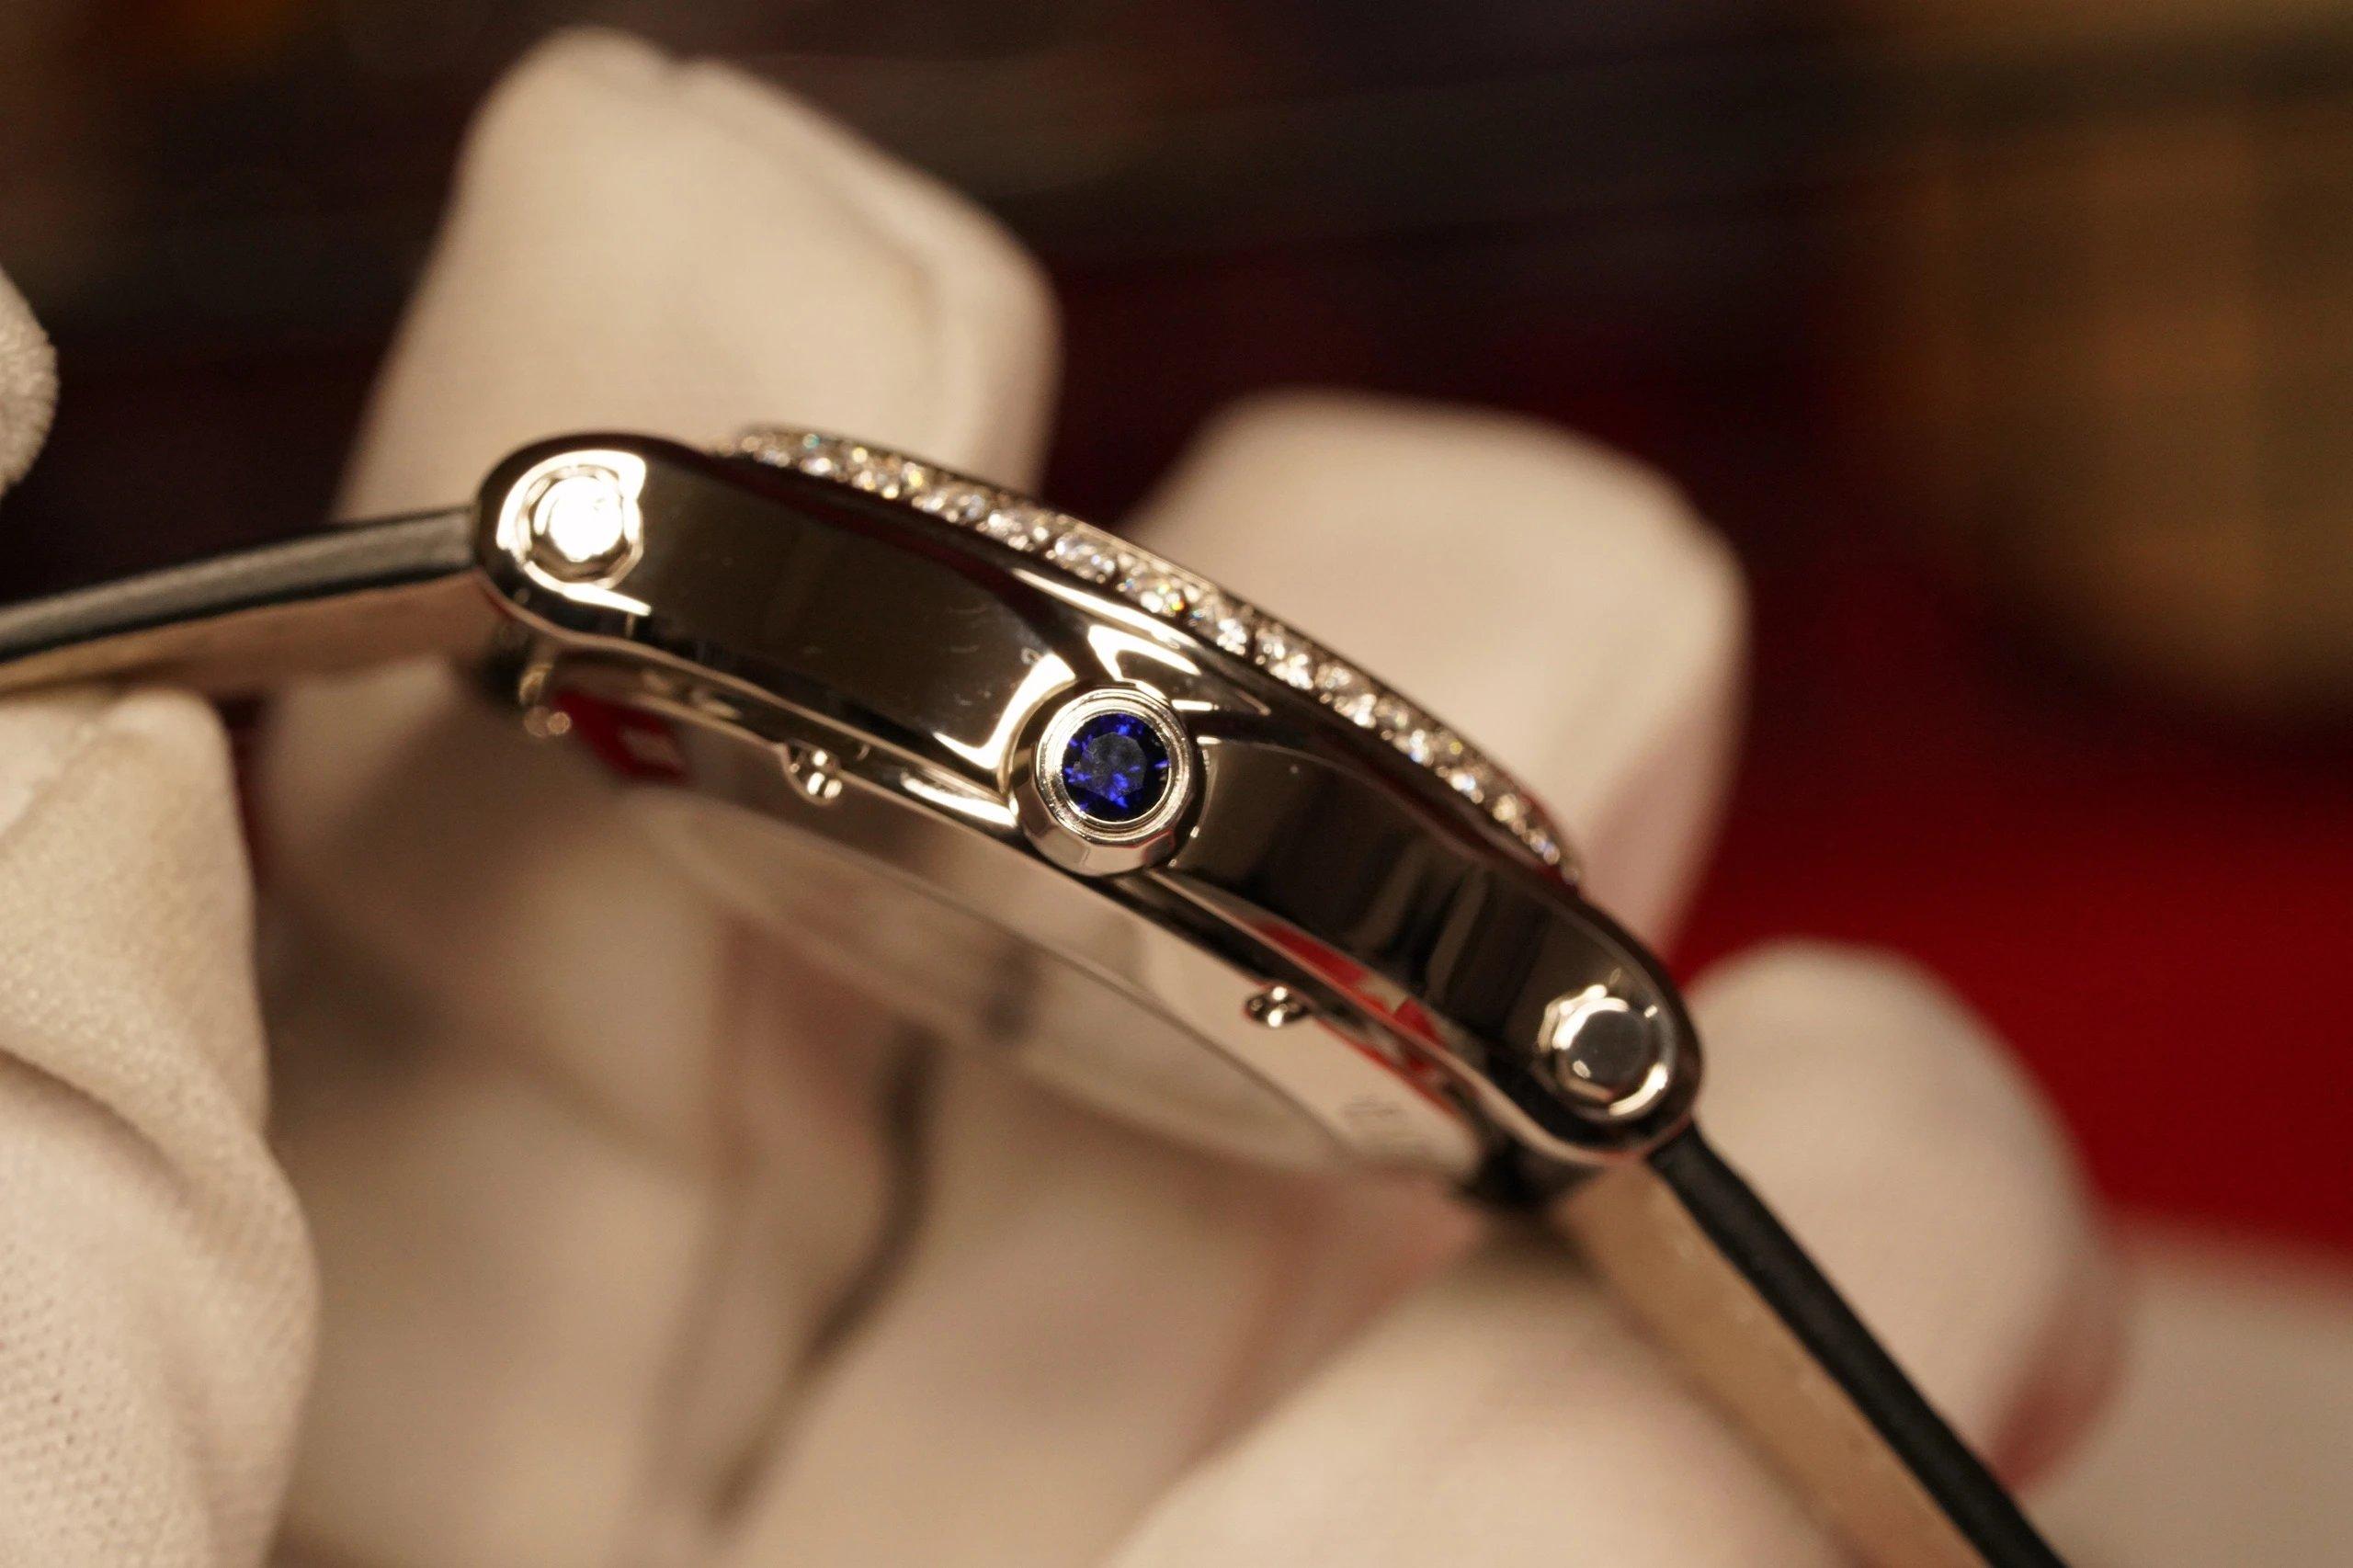 """ZF最高版本萧邦快乐钻33mm这个尺寸简直不要太完美…之前出的30太小36又太大、现在不用纠结尺寸了,快乐无忧!瑞士壳厂打磨精细壳套舞动的快乐钻石""""有金有钻""""寓意有进有赚。钻石恒久远"""